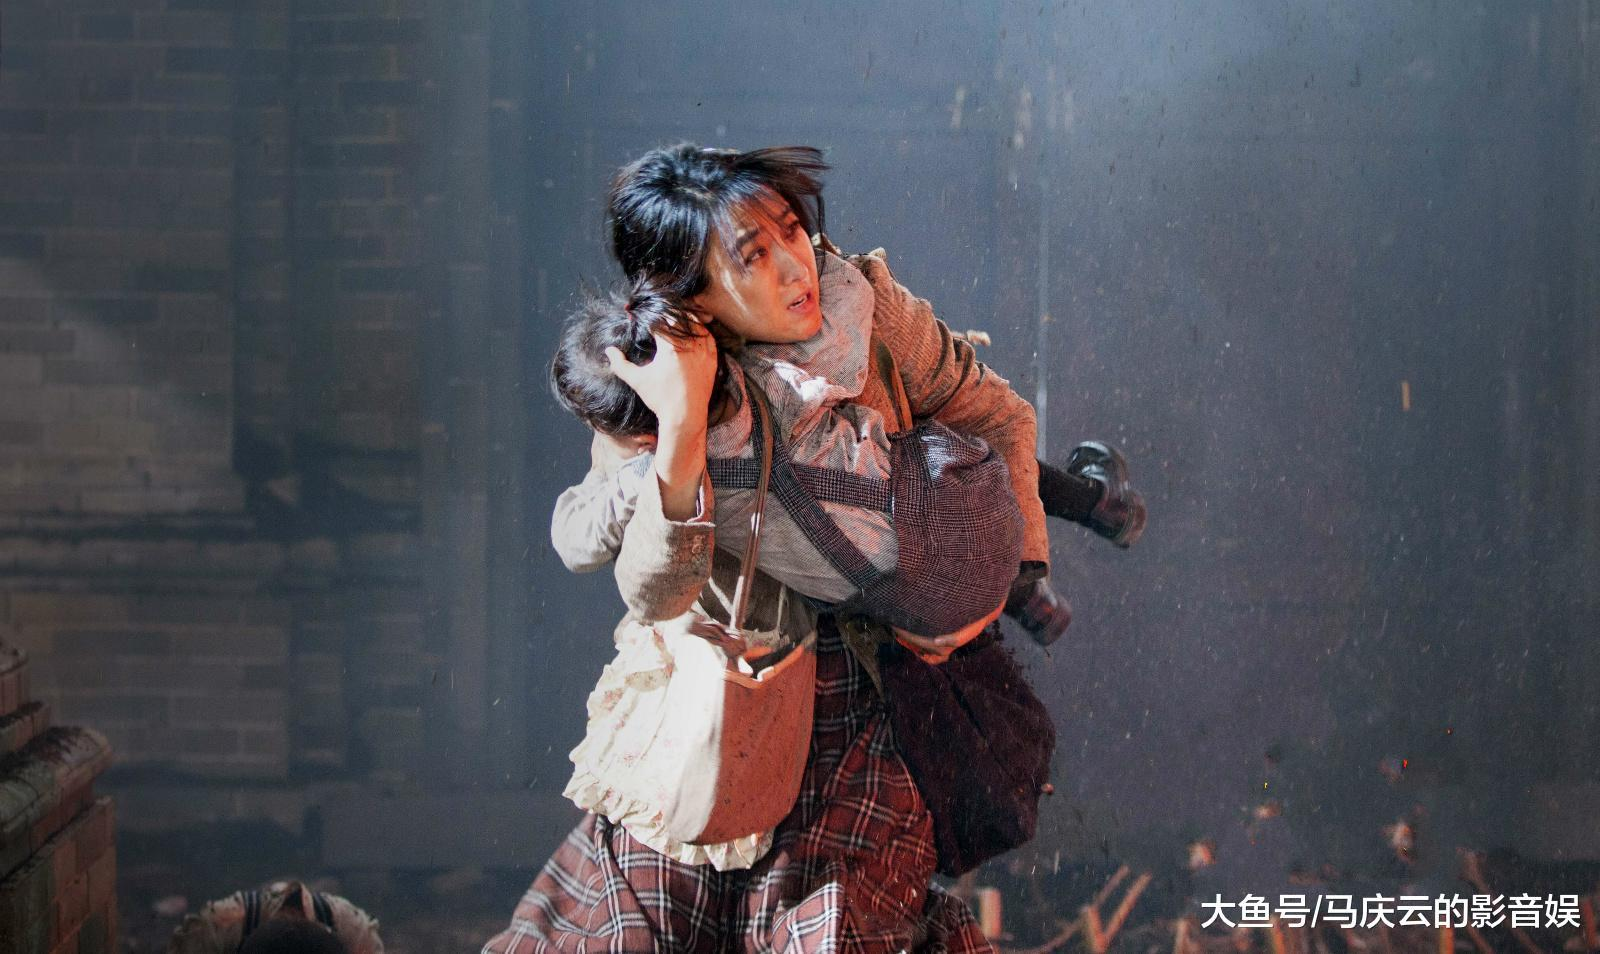 《大轰炸》露出真容, 范冰冰出镜一分钟, 马苏刘烨才是绝对主角